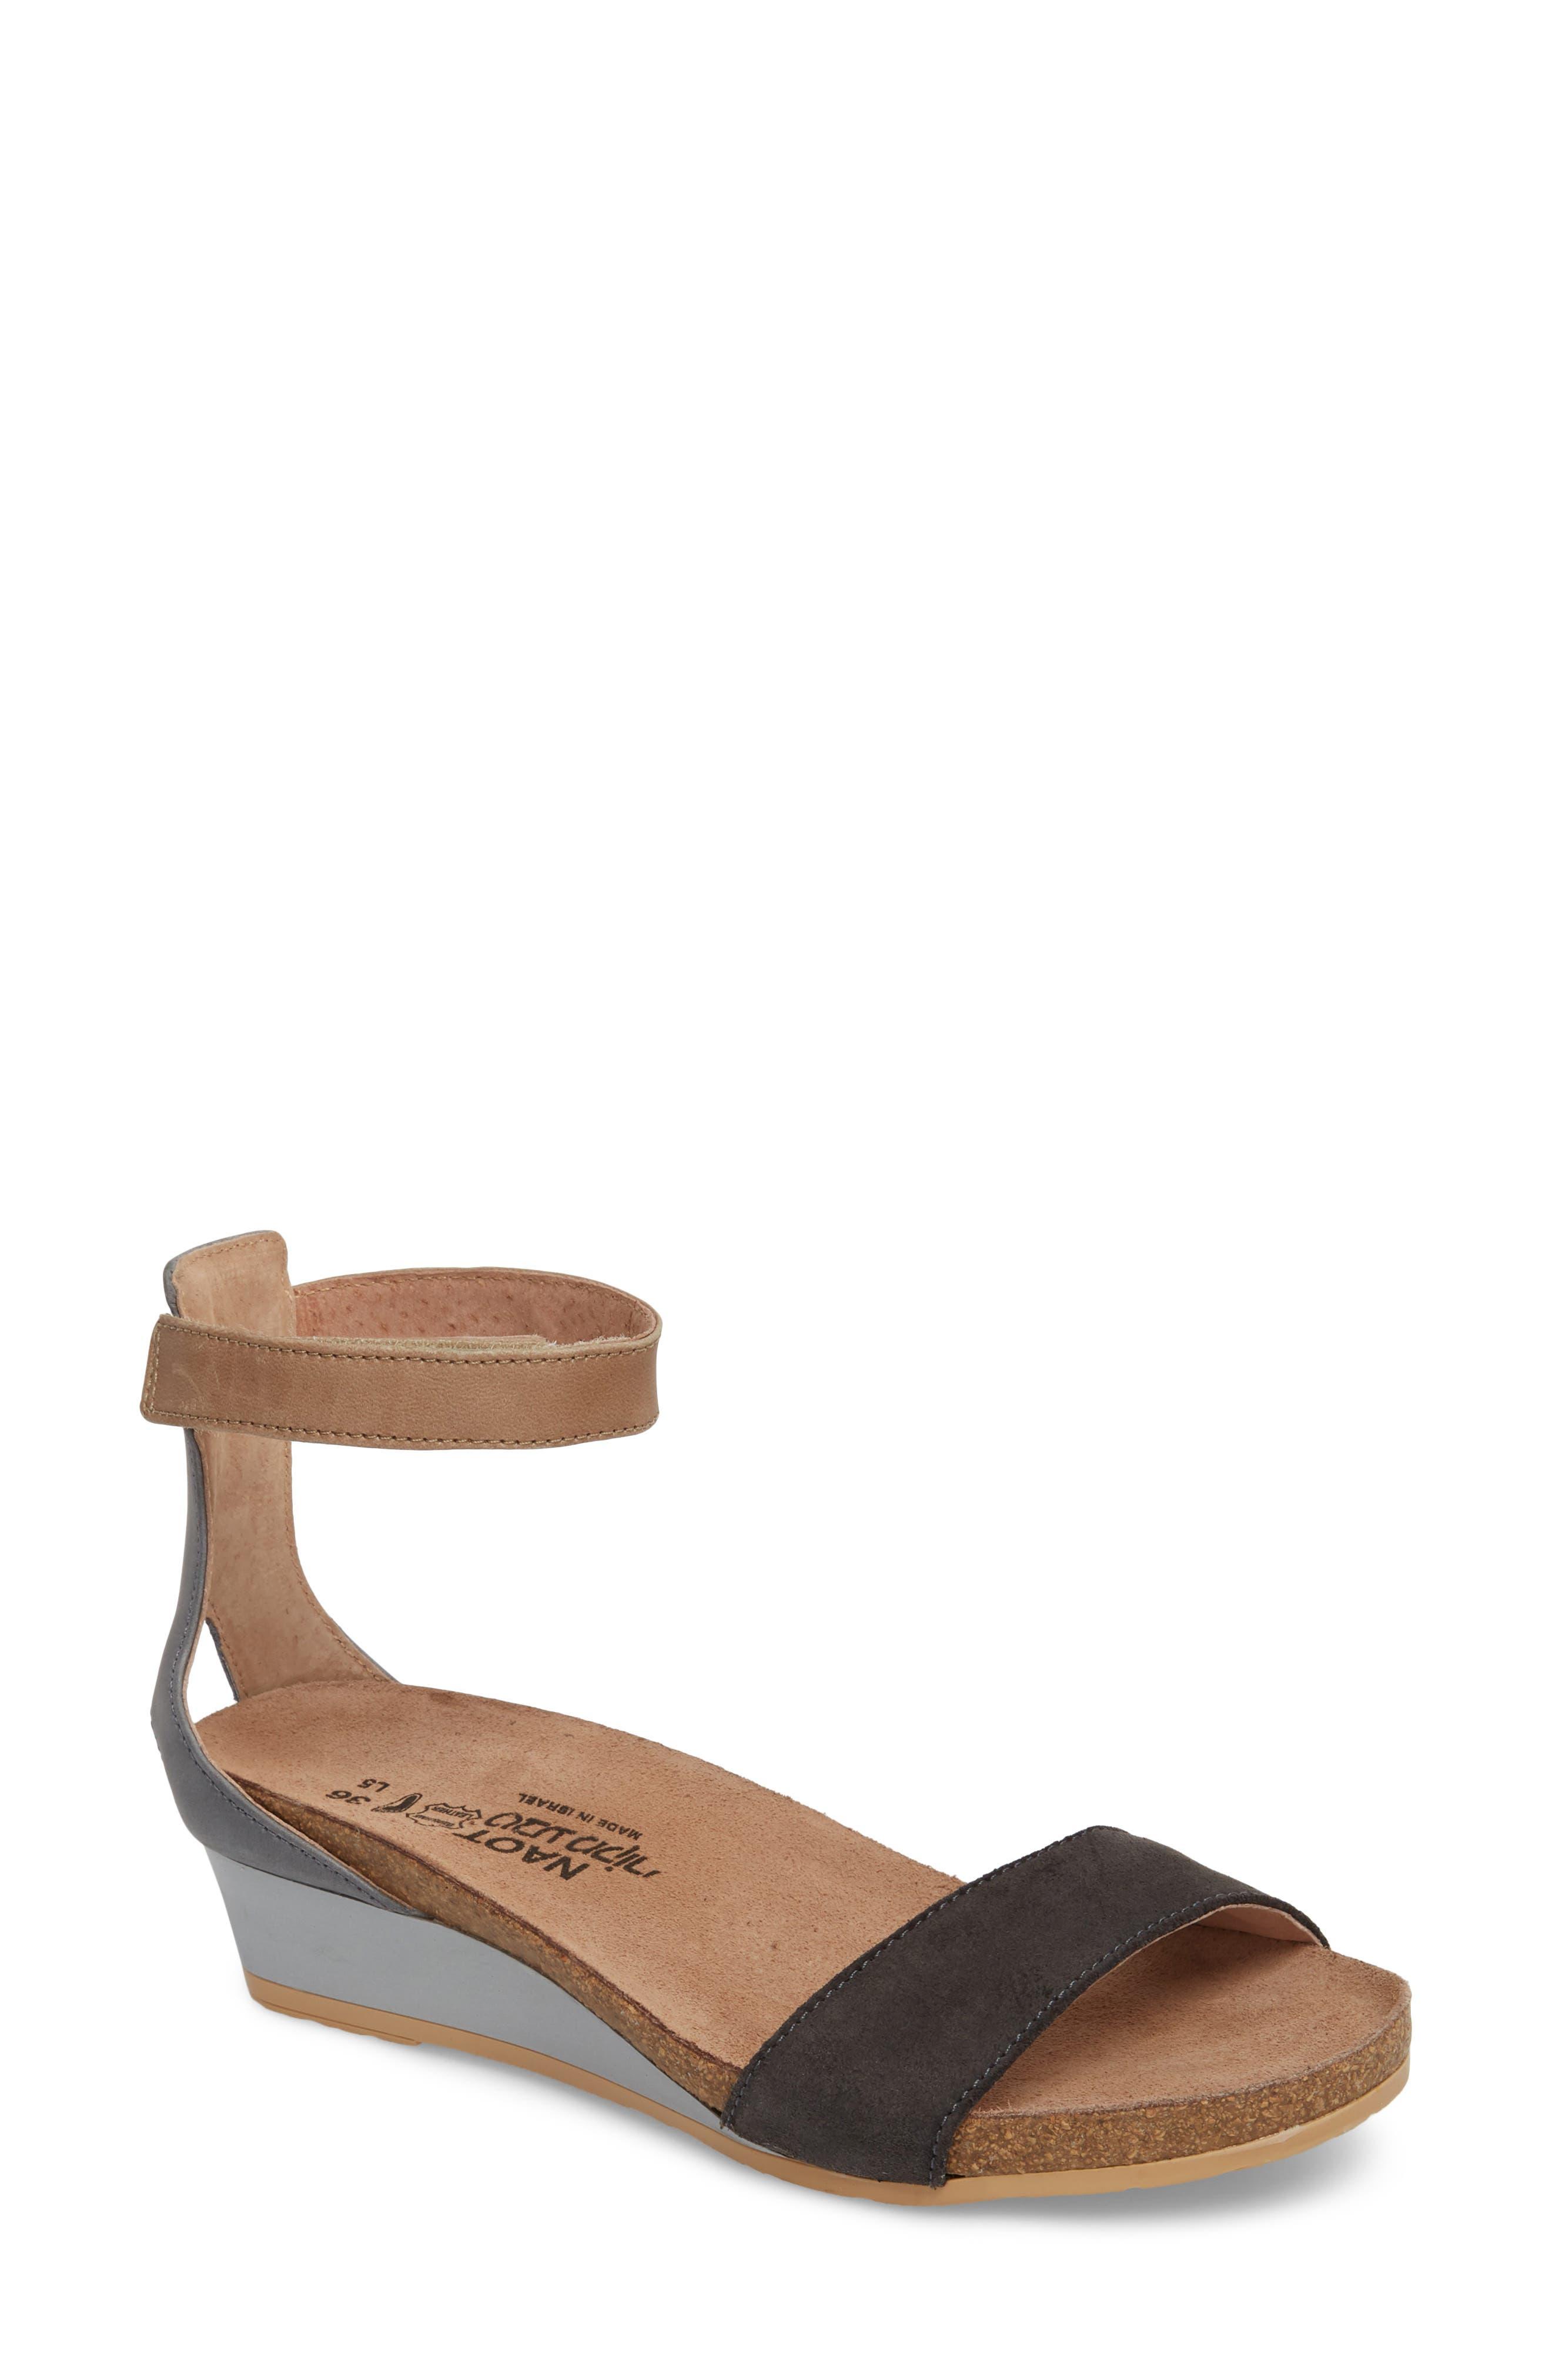 'Pixie' Sandal,                             Main thumbnail 1, color,                             BLACK SUEDE